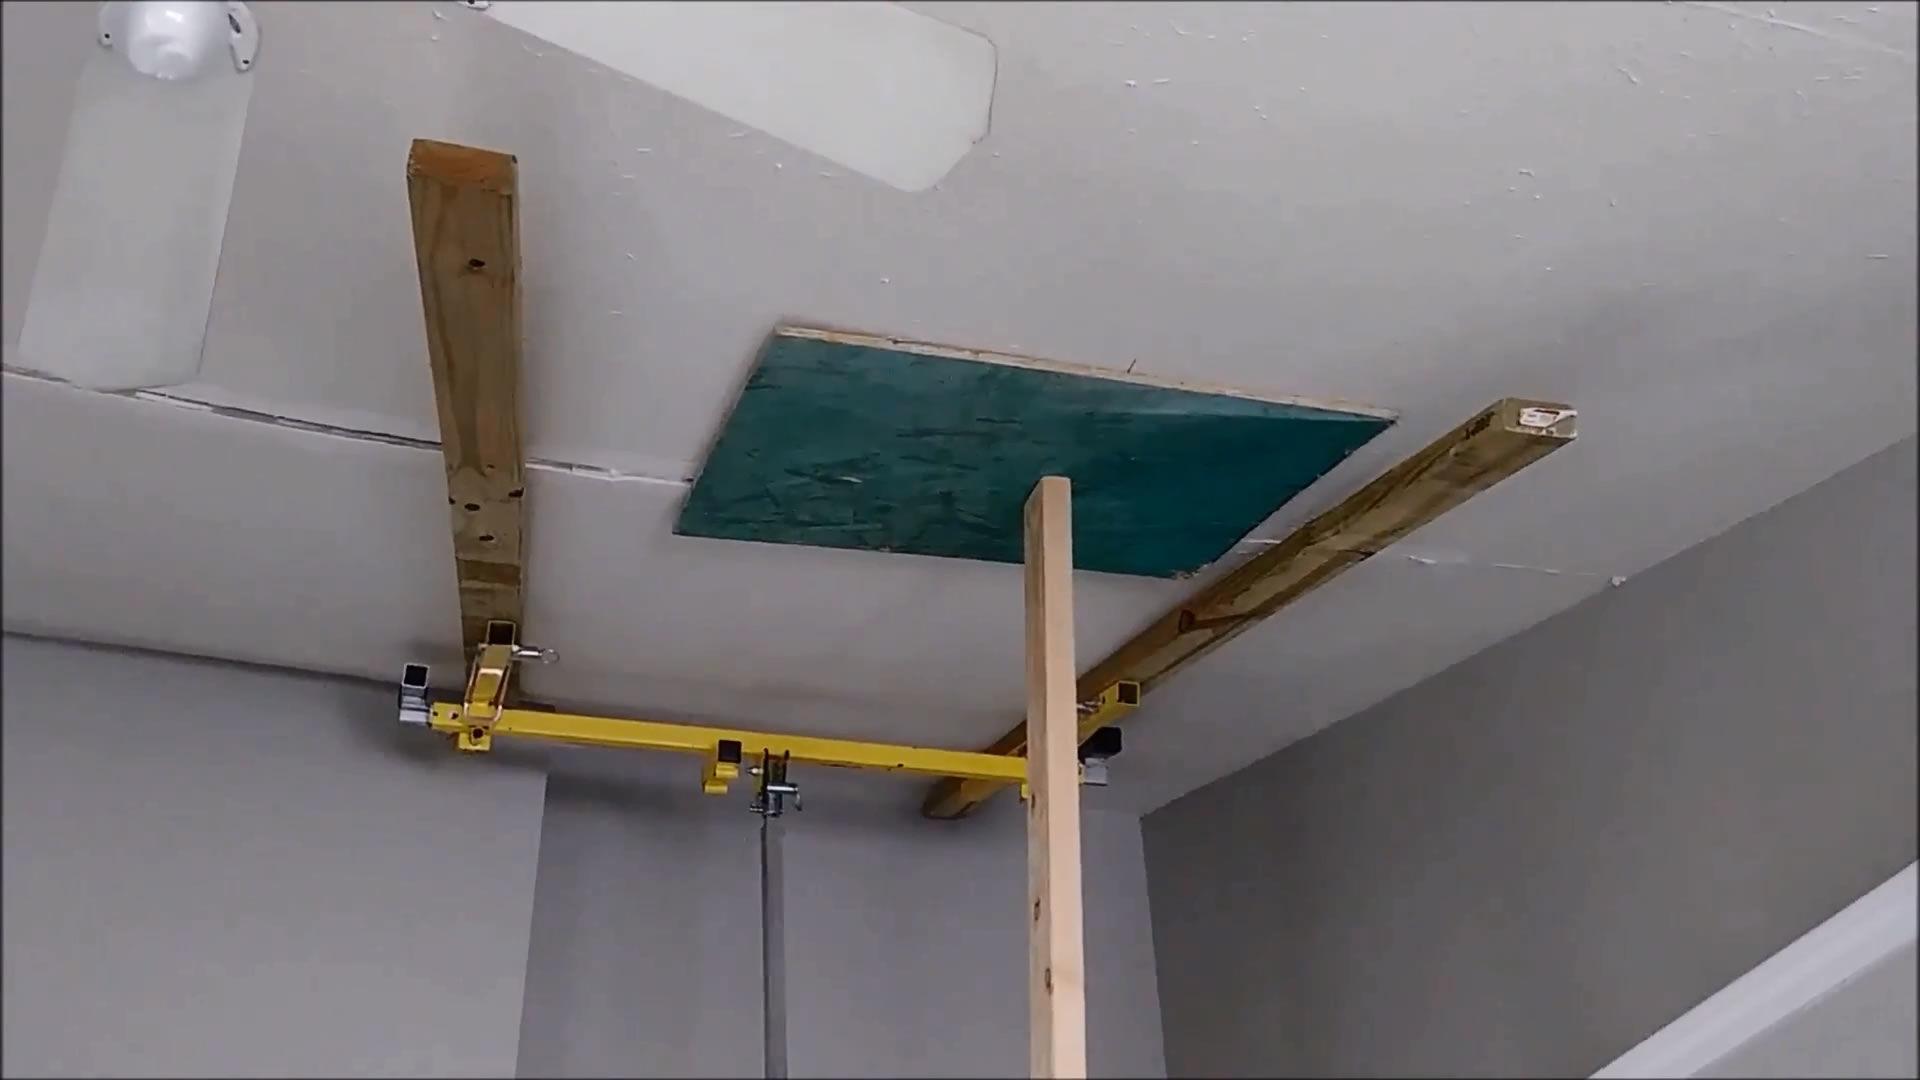 Repairing Drywall Seams Holes And S